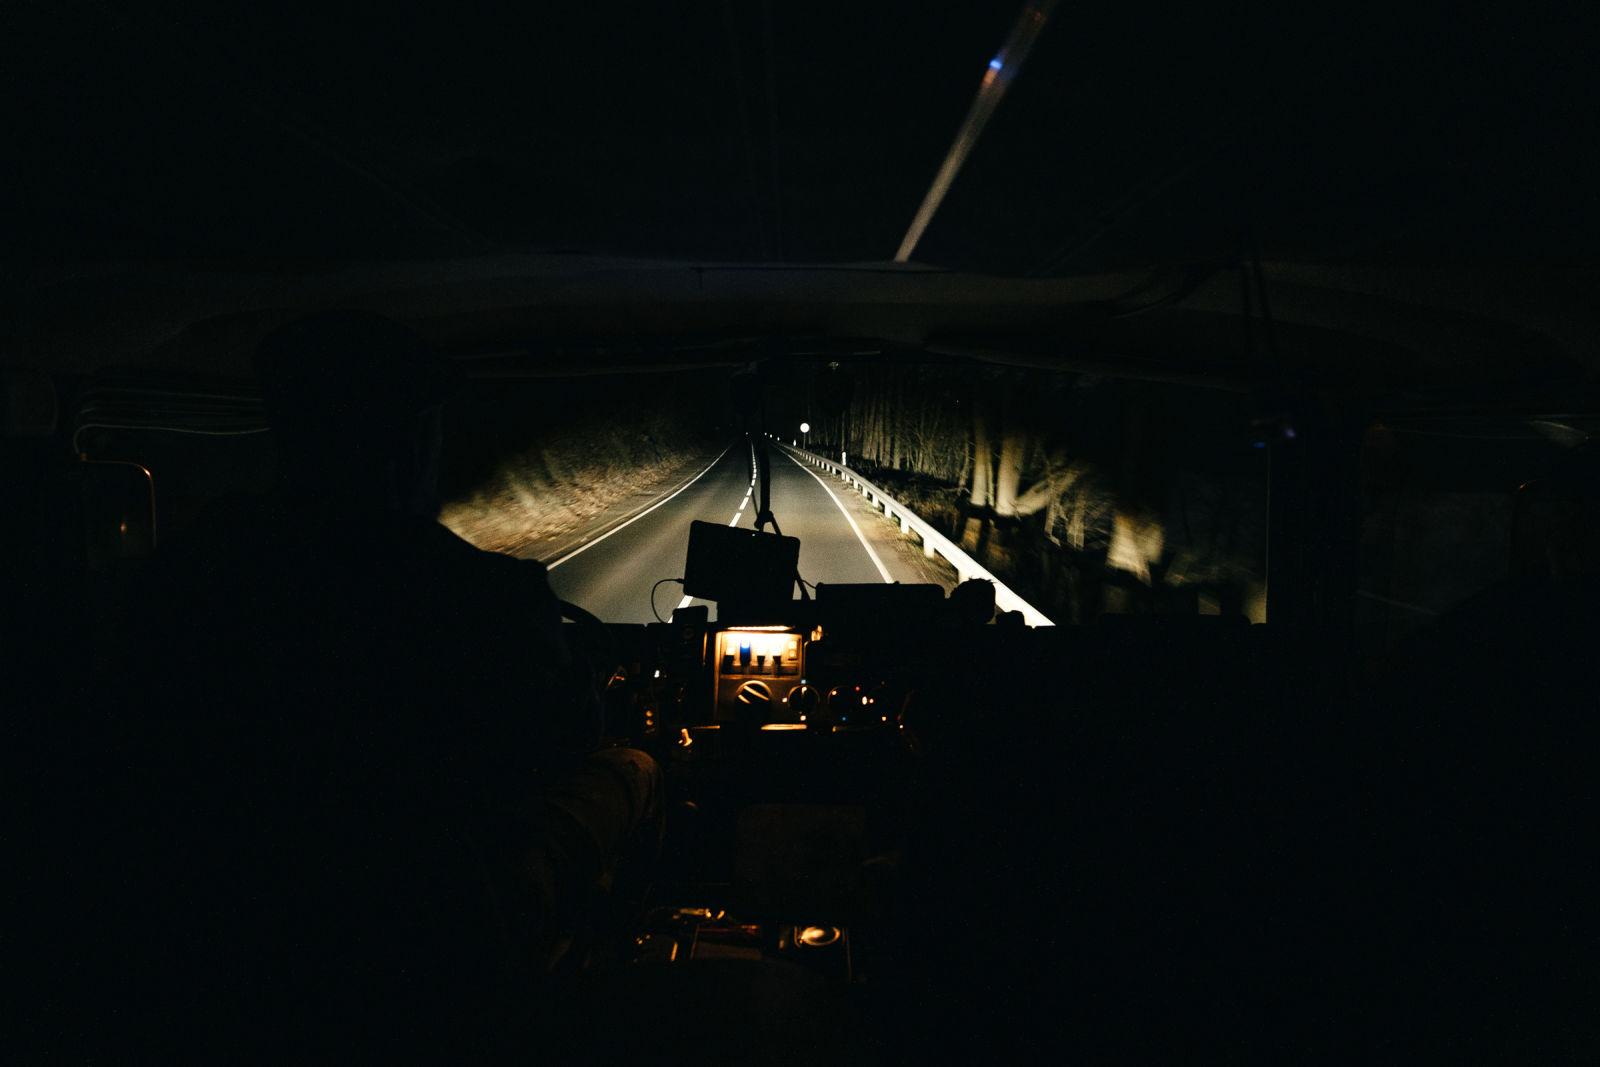 LKW LED-Licht mit LED-Fernlicht.